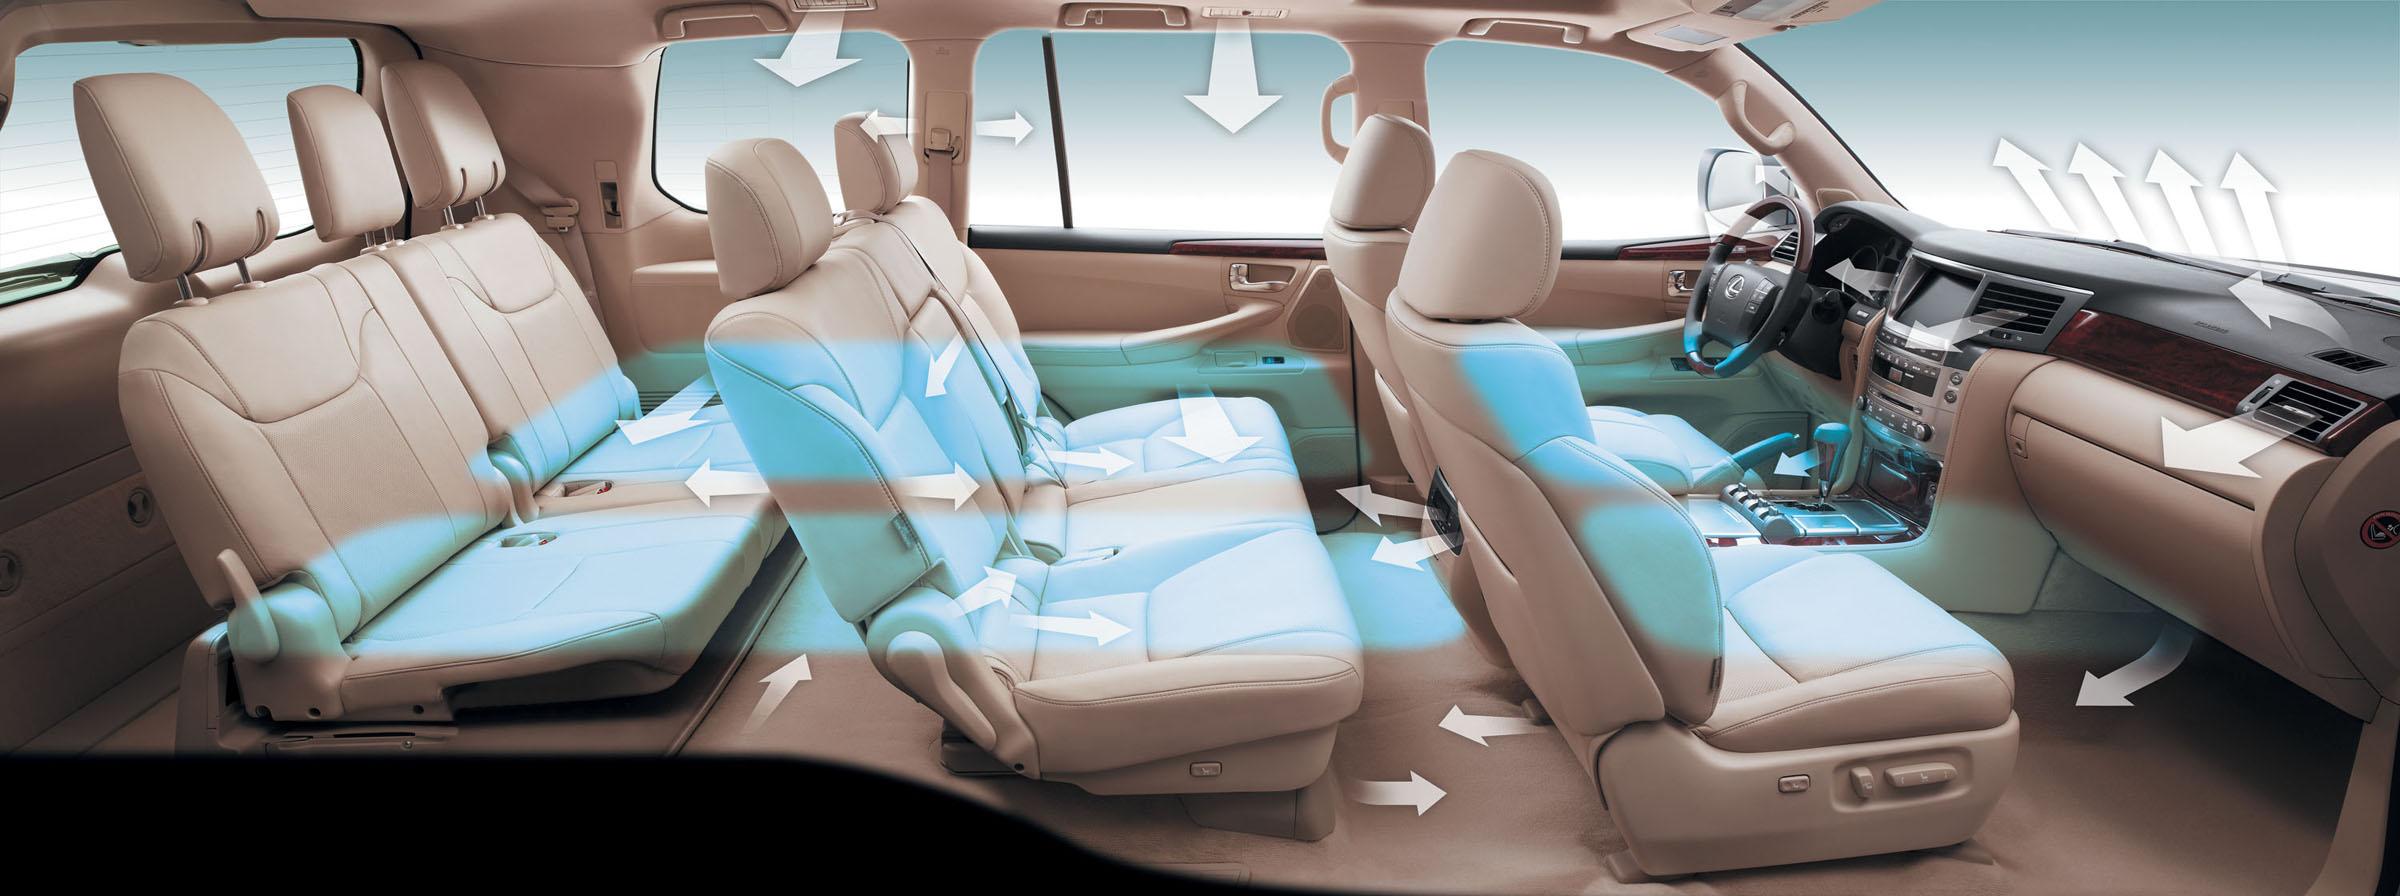 Все о кондиционерах в автомобиле